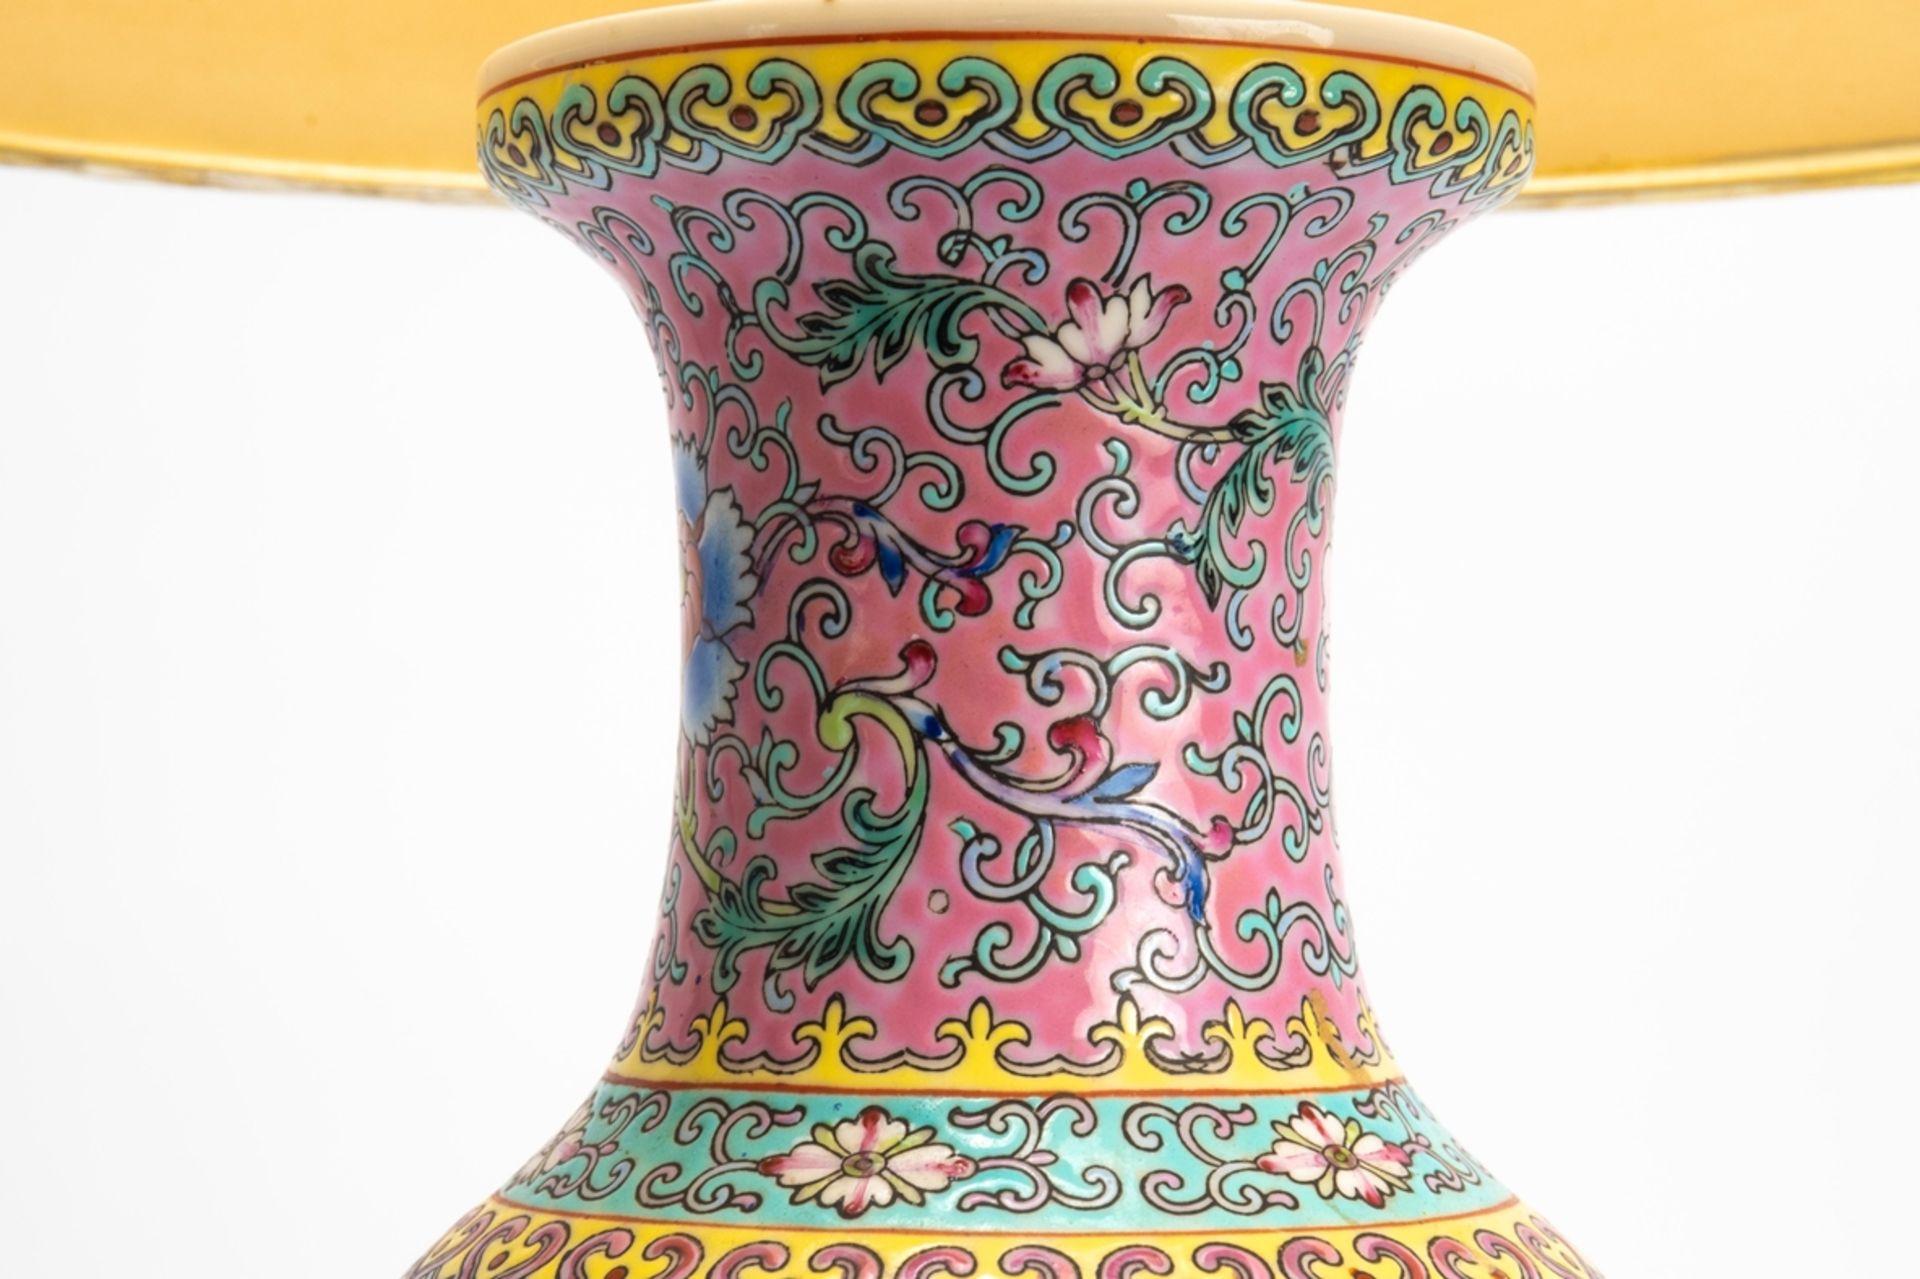 Porzellan-Lampe/Vase - Image 3 of 7